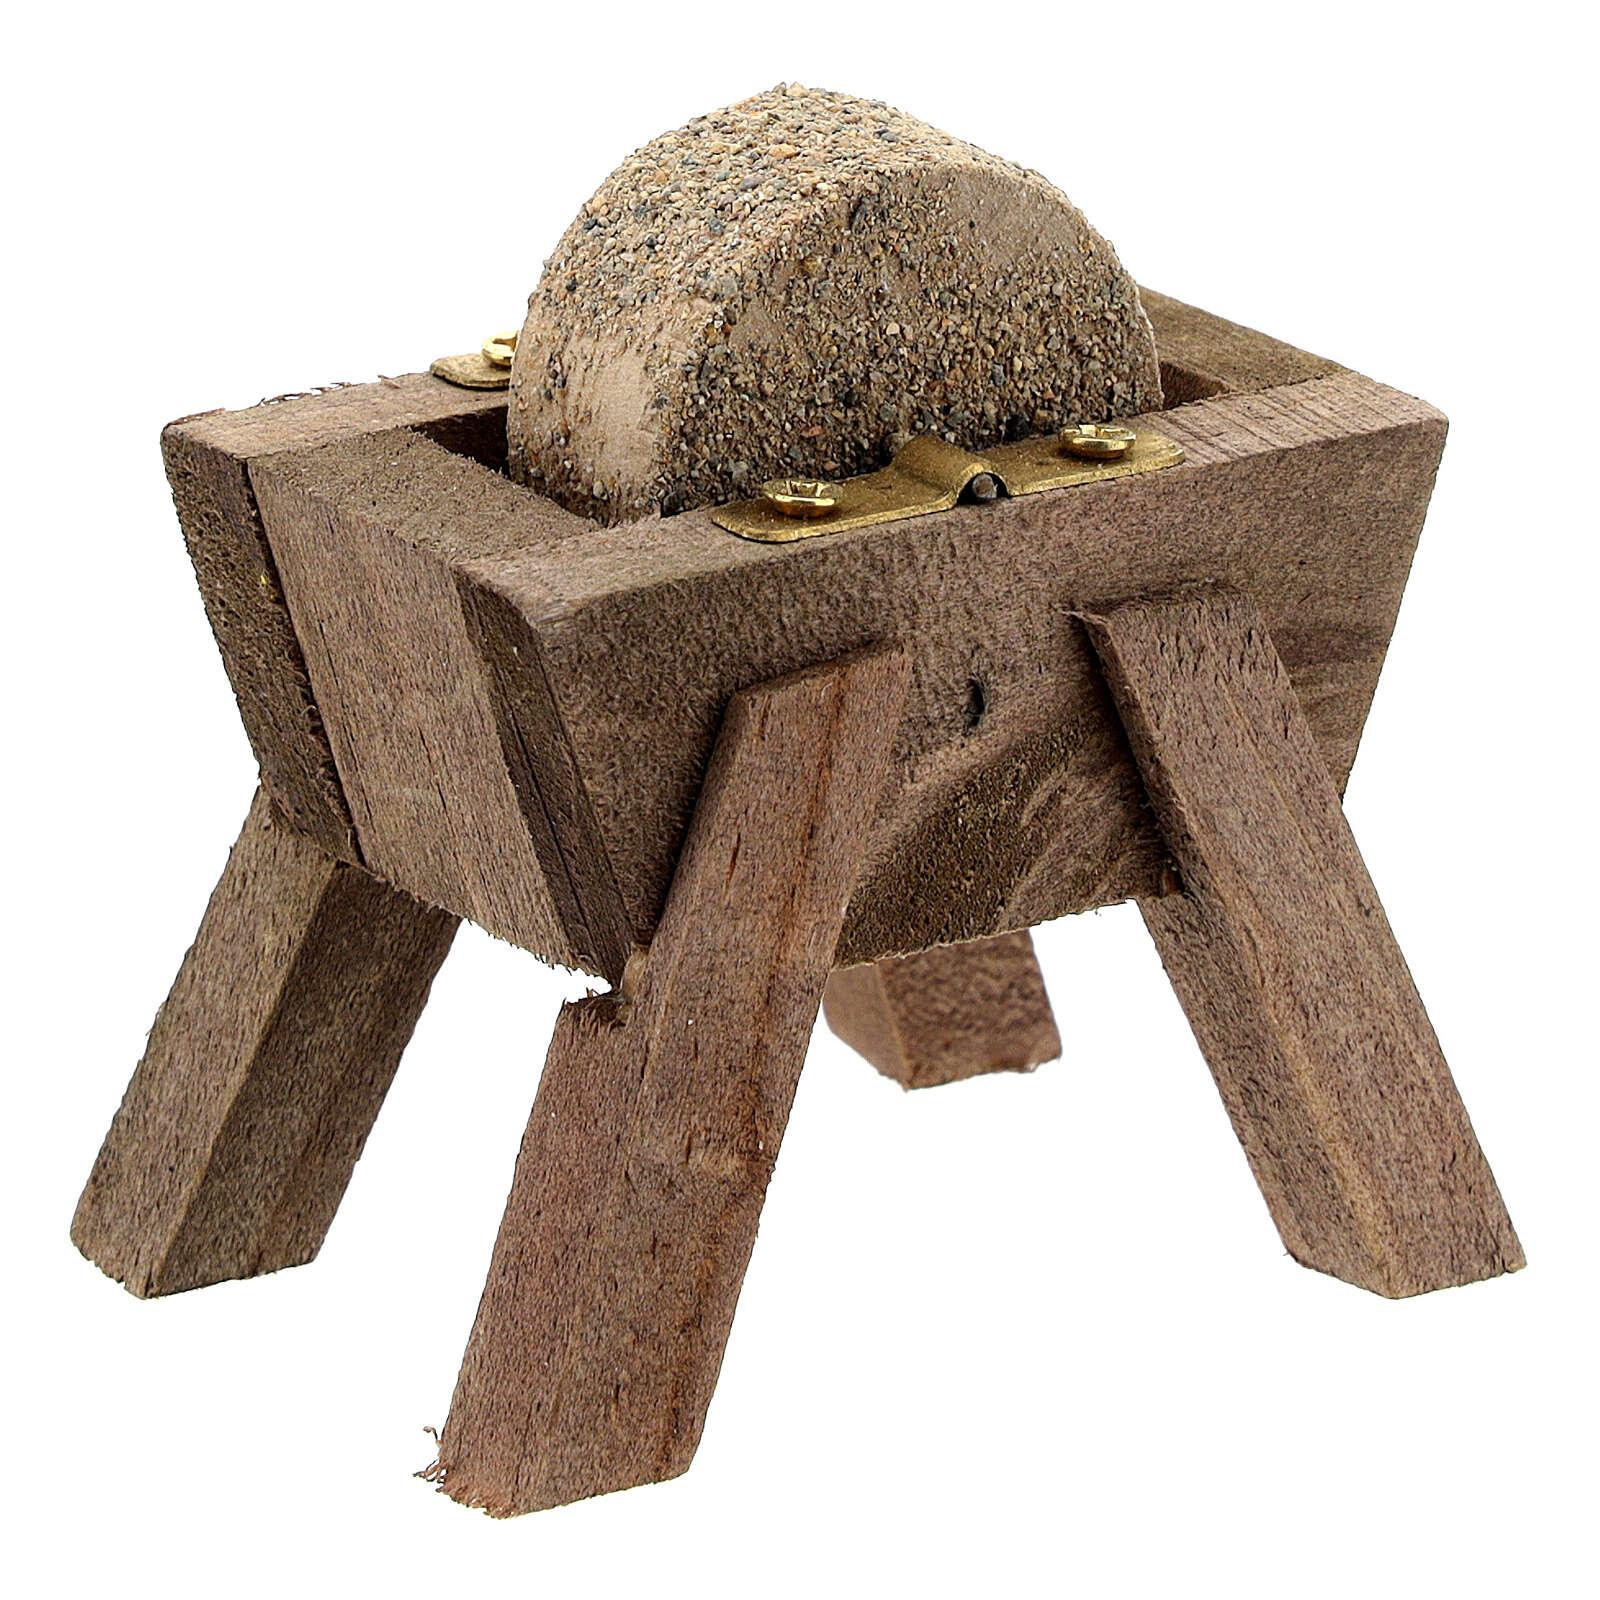 Mola arrotino legno dettagli metallo presepe 12 cm 4